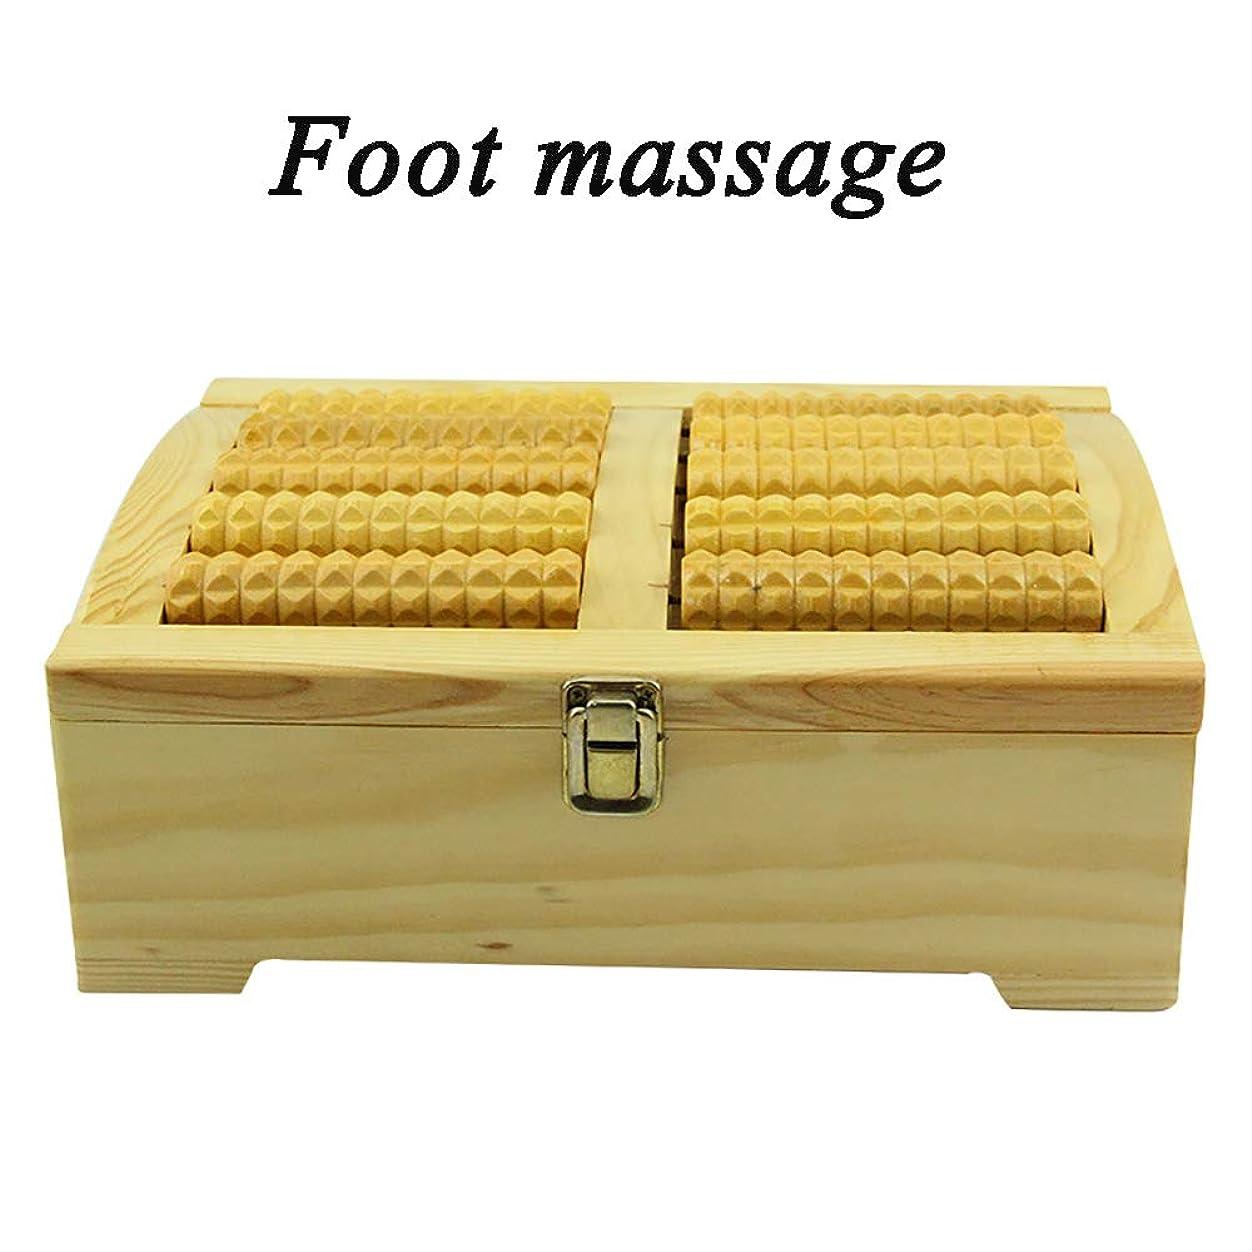 委任簡単な心理的足のマッサージトマッサージャーフットマッサージローラー、リラクゼーション、足の痛み、足底筋膜炎ストレスリリーフ